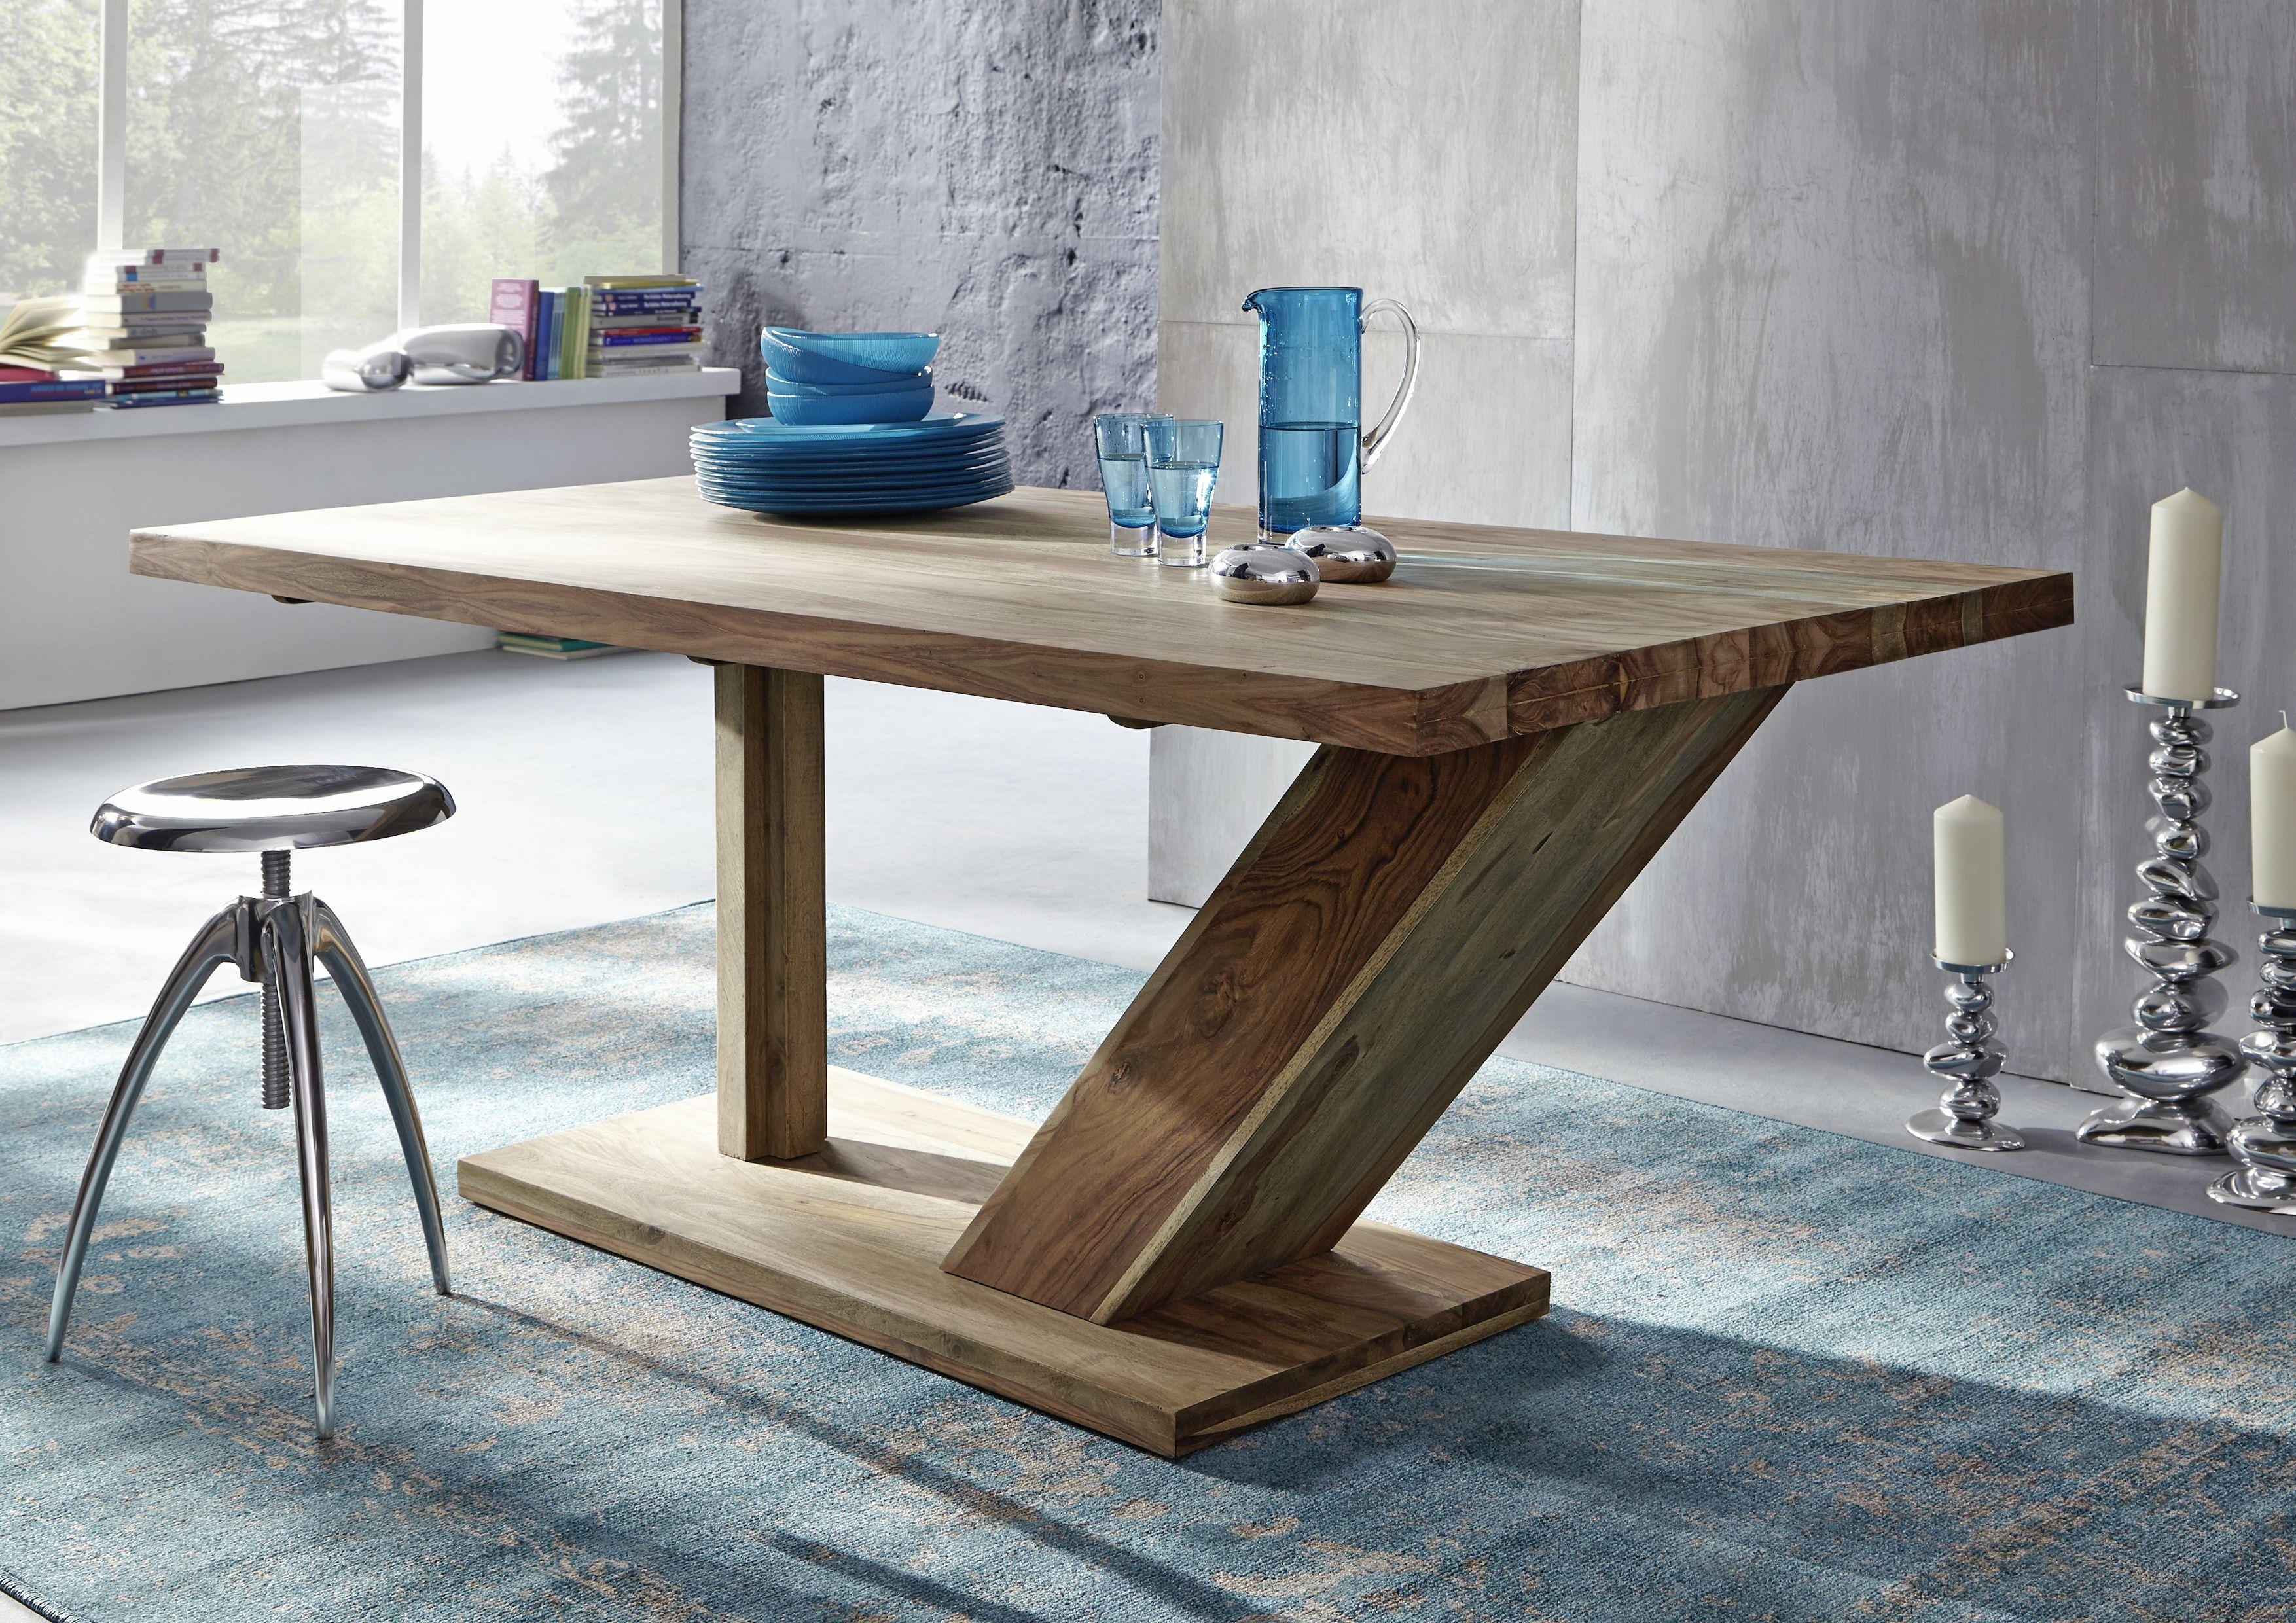 Naturholzmöbel versandfrei kaufen in 2020   Esszimmertisch holz, Küche tisch, Tisch